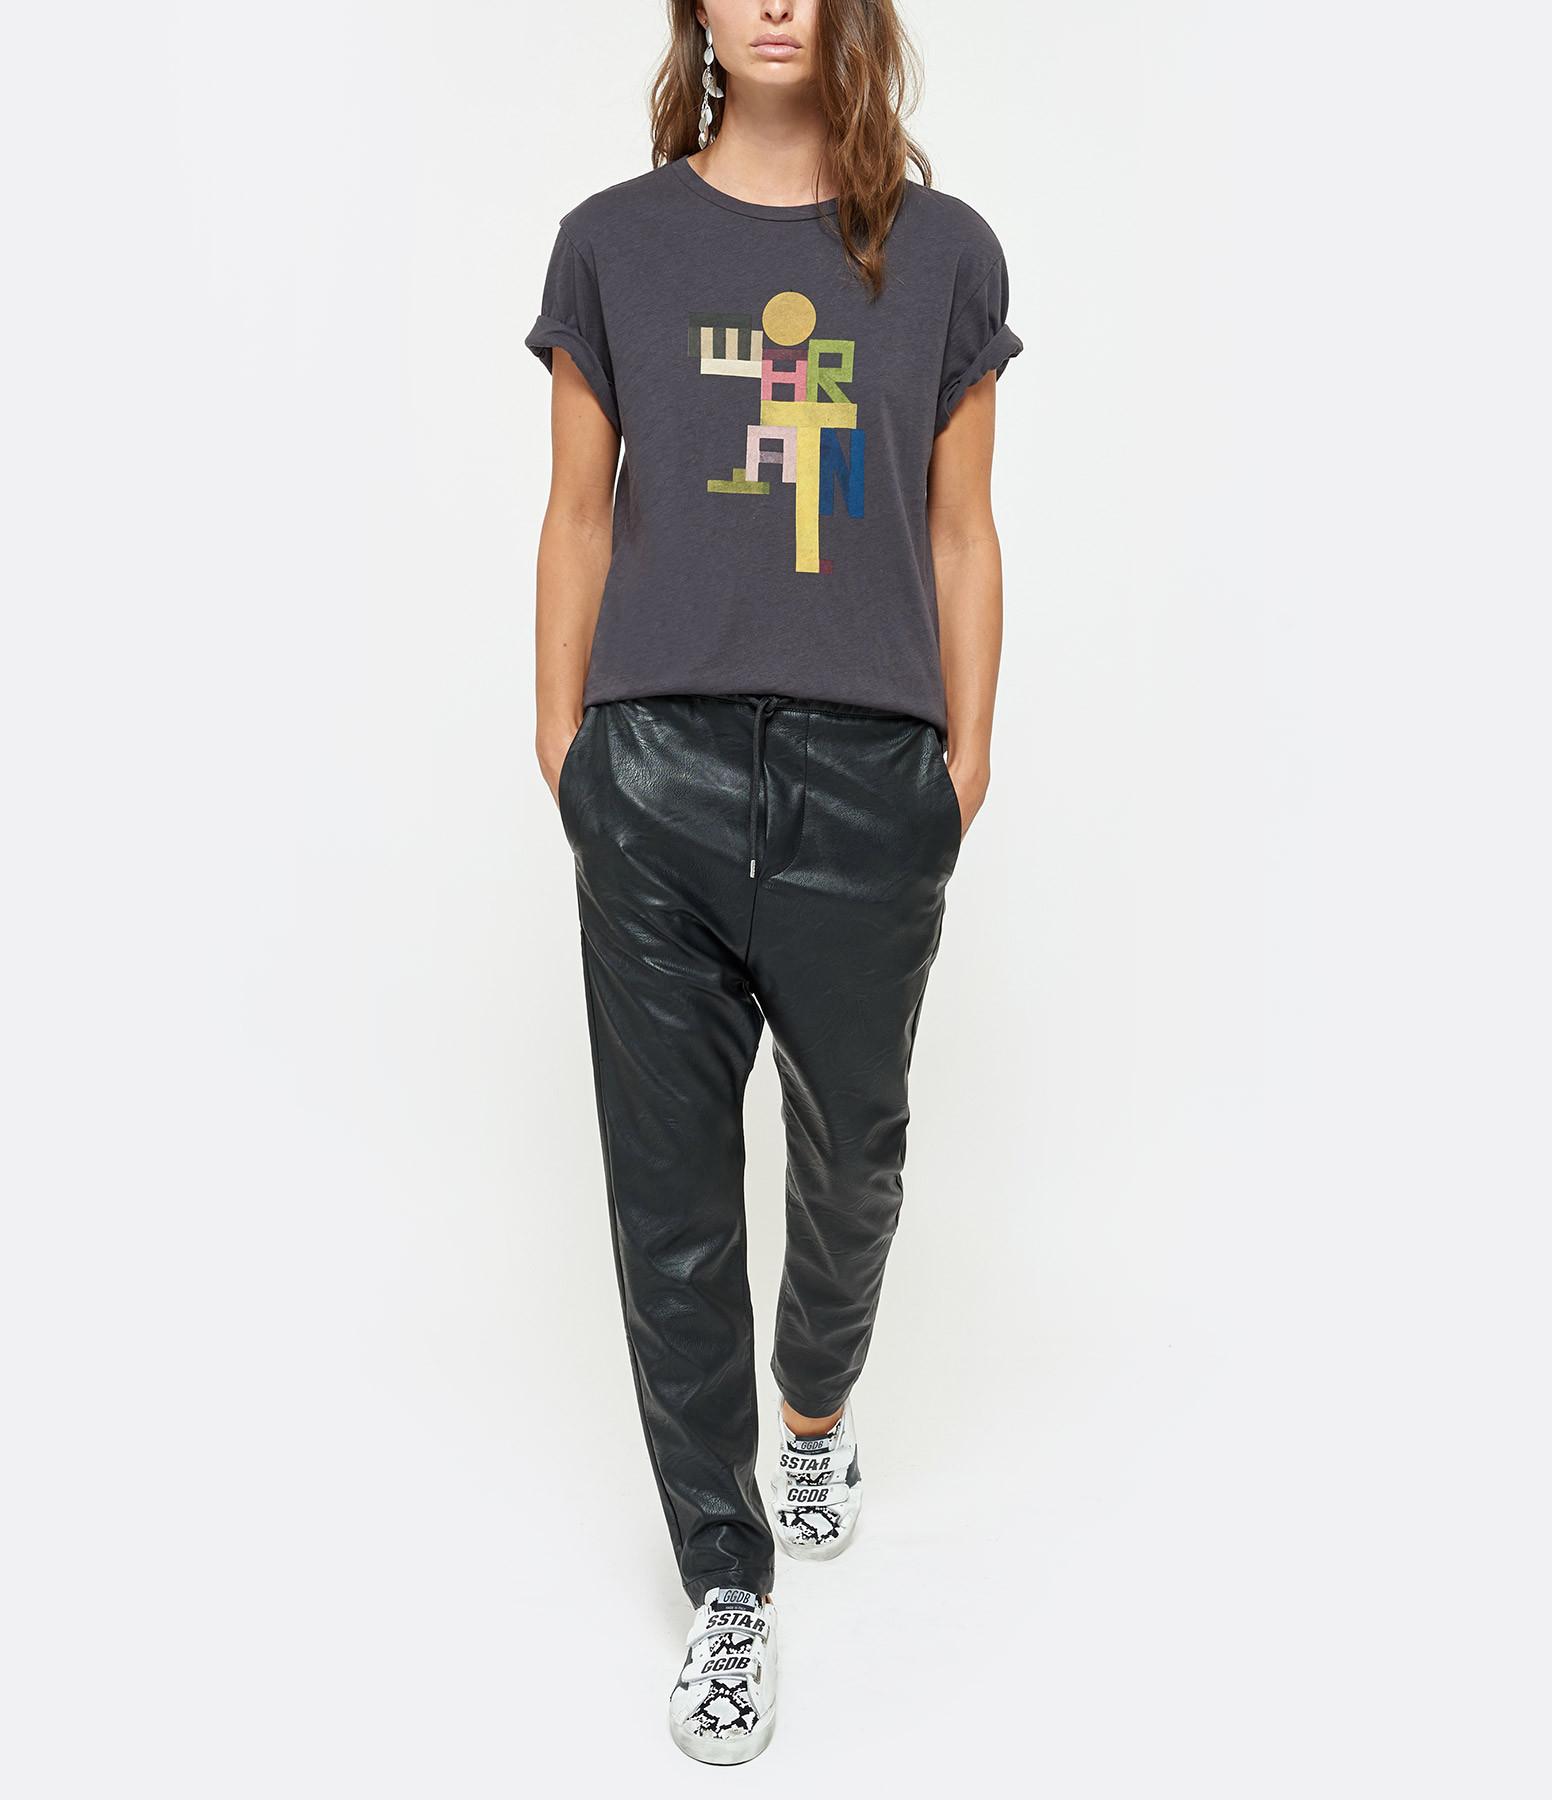 ISABEL MARANT ÉTOILE - Tee-shirt Zewel Coton Noir Délavé